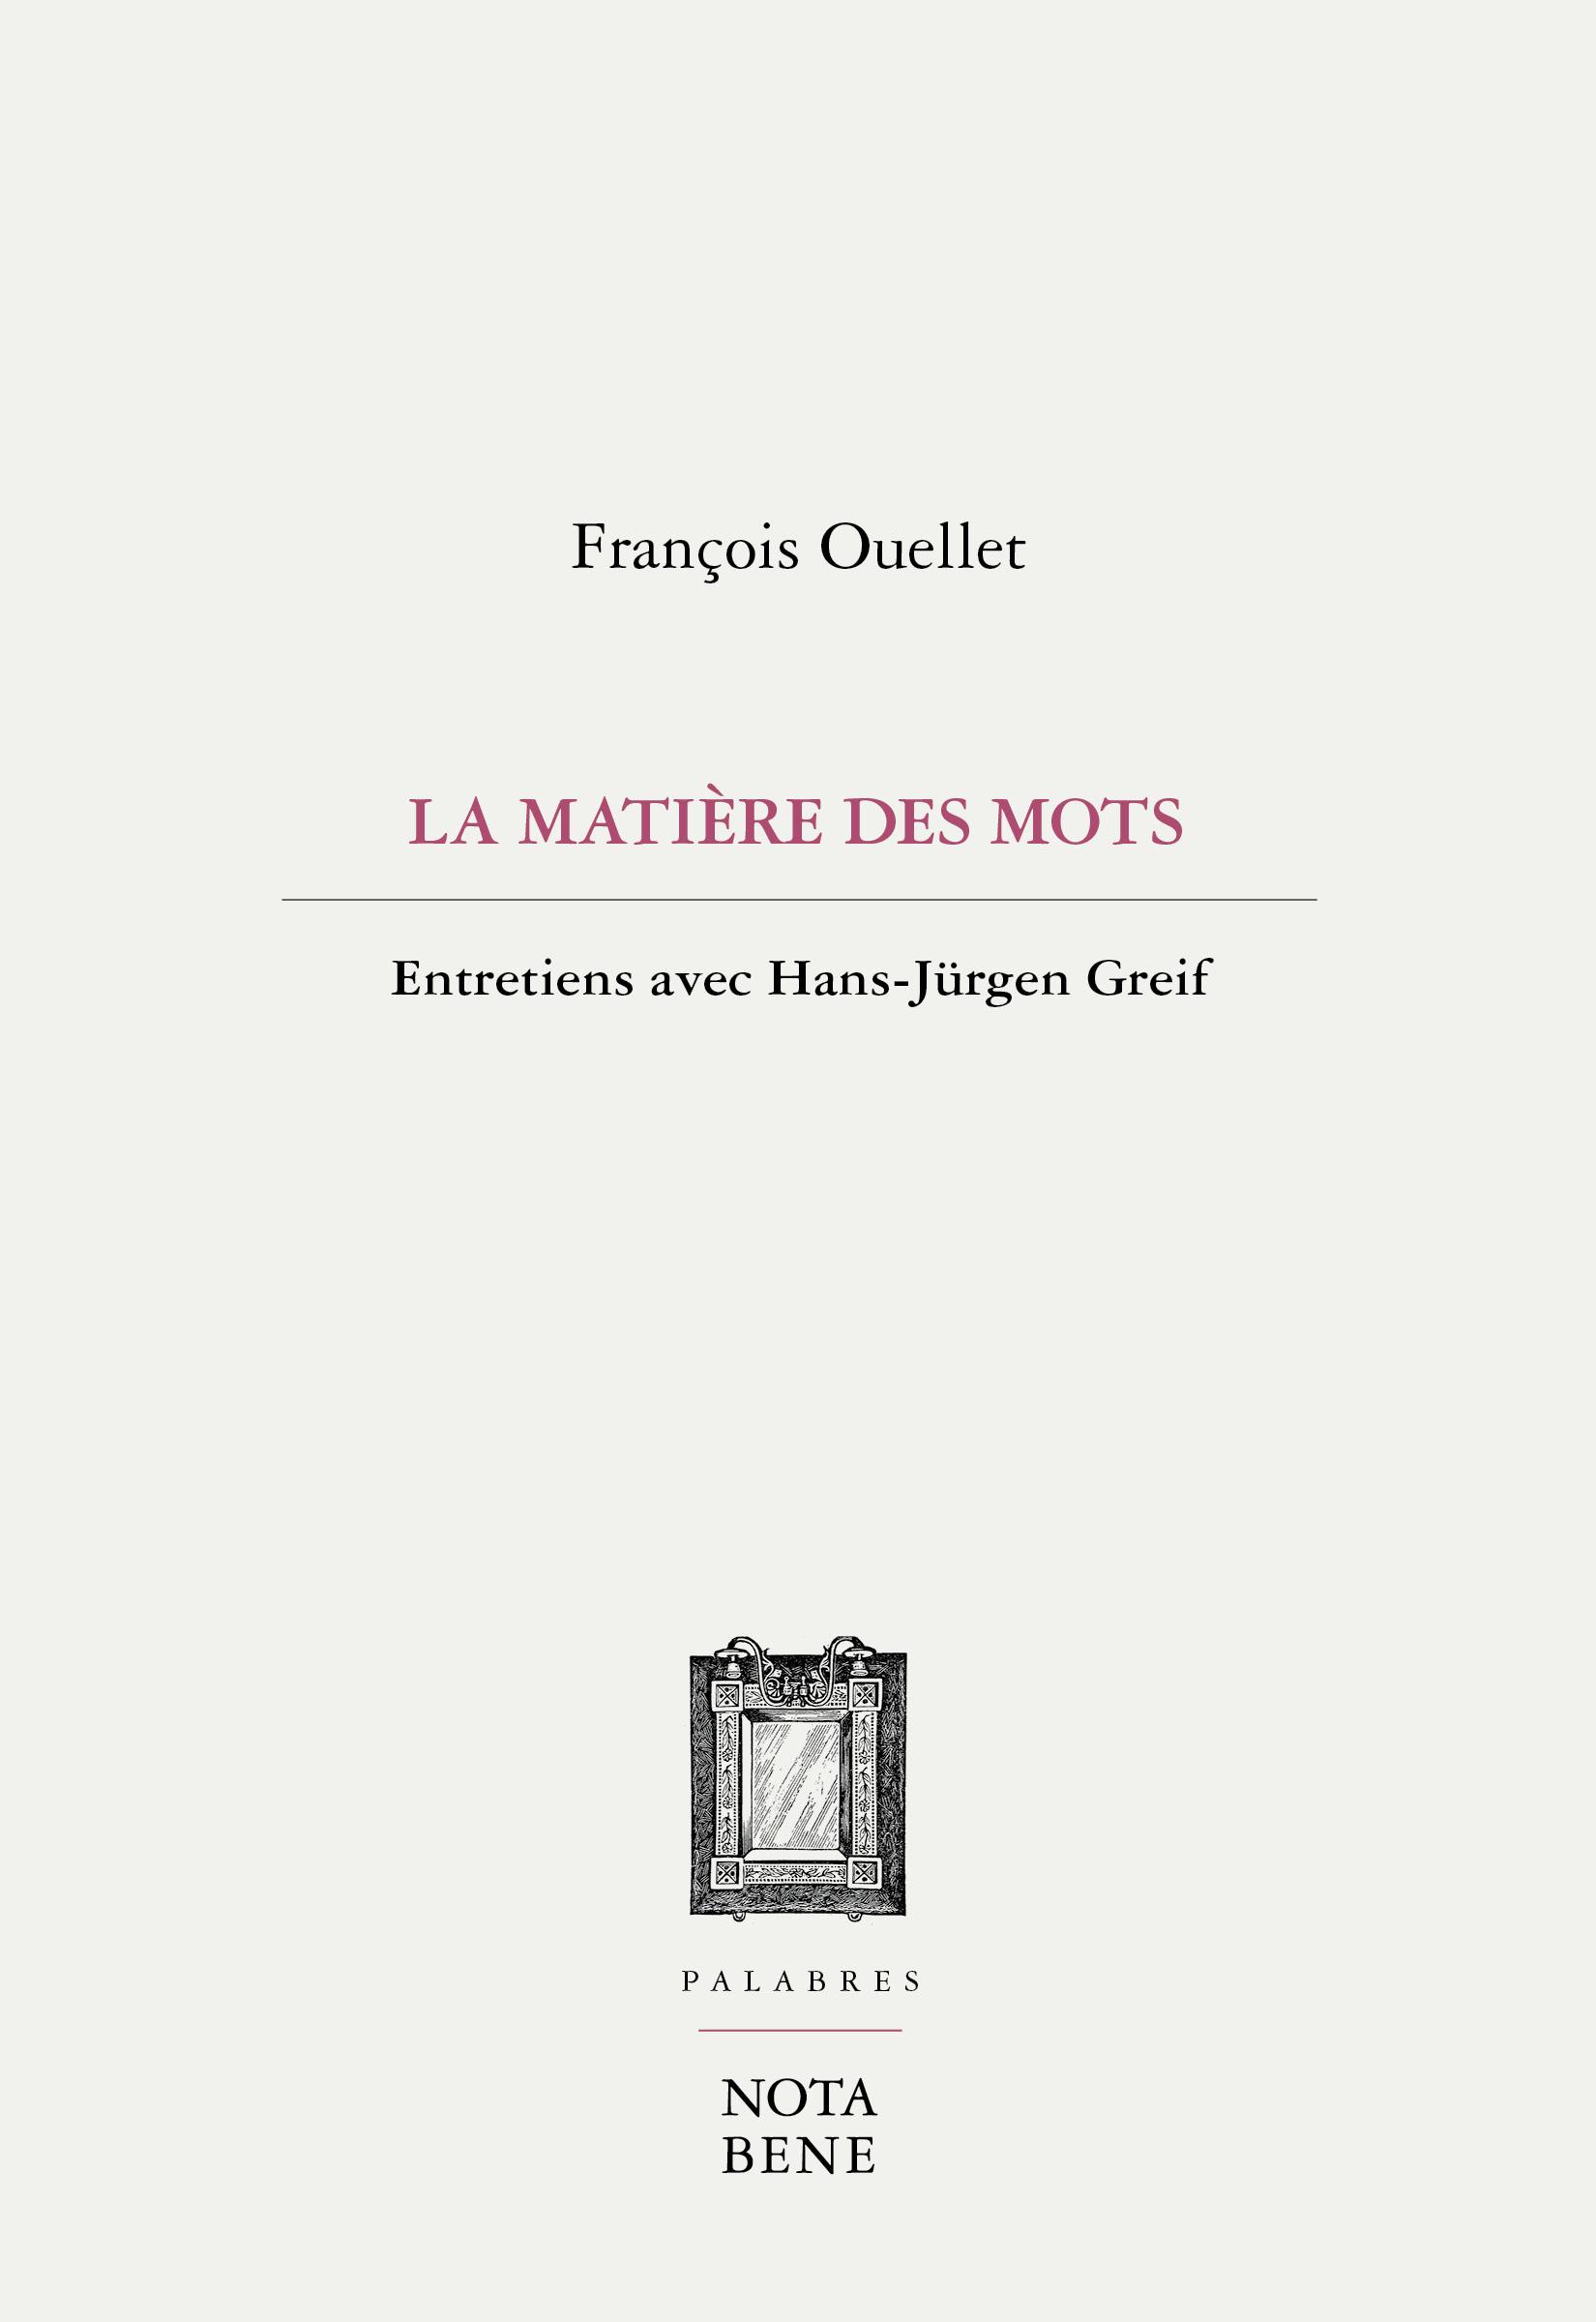 F. Ouellet, La Matière des mots. Entretiens avec H.-J. Greif